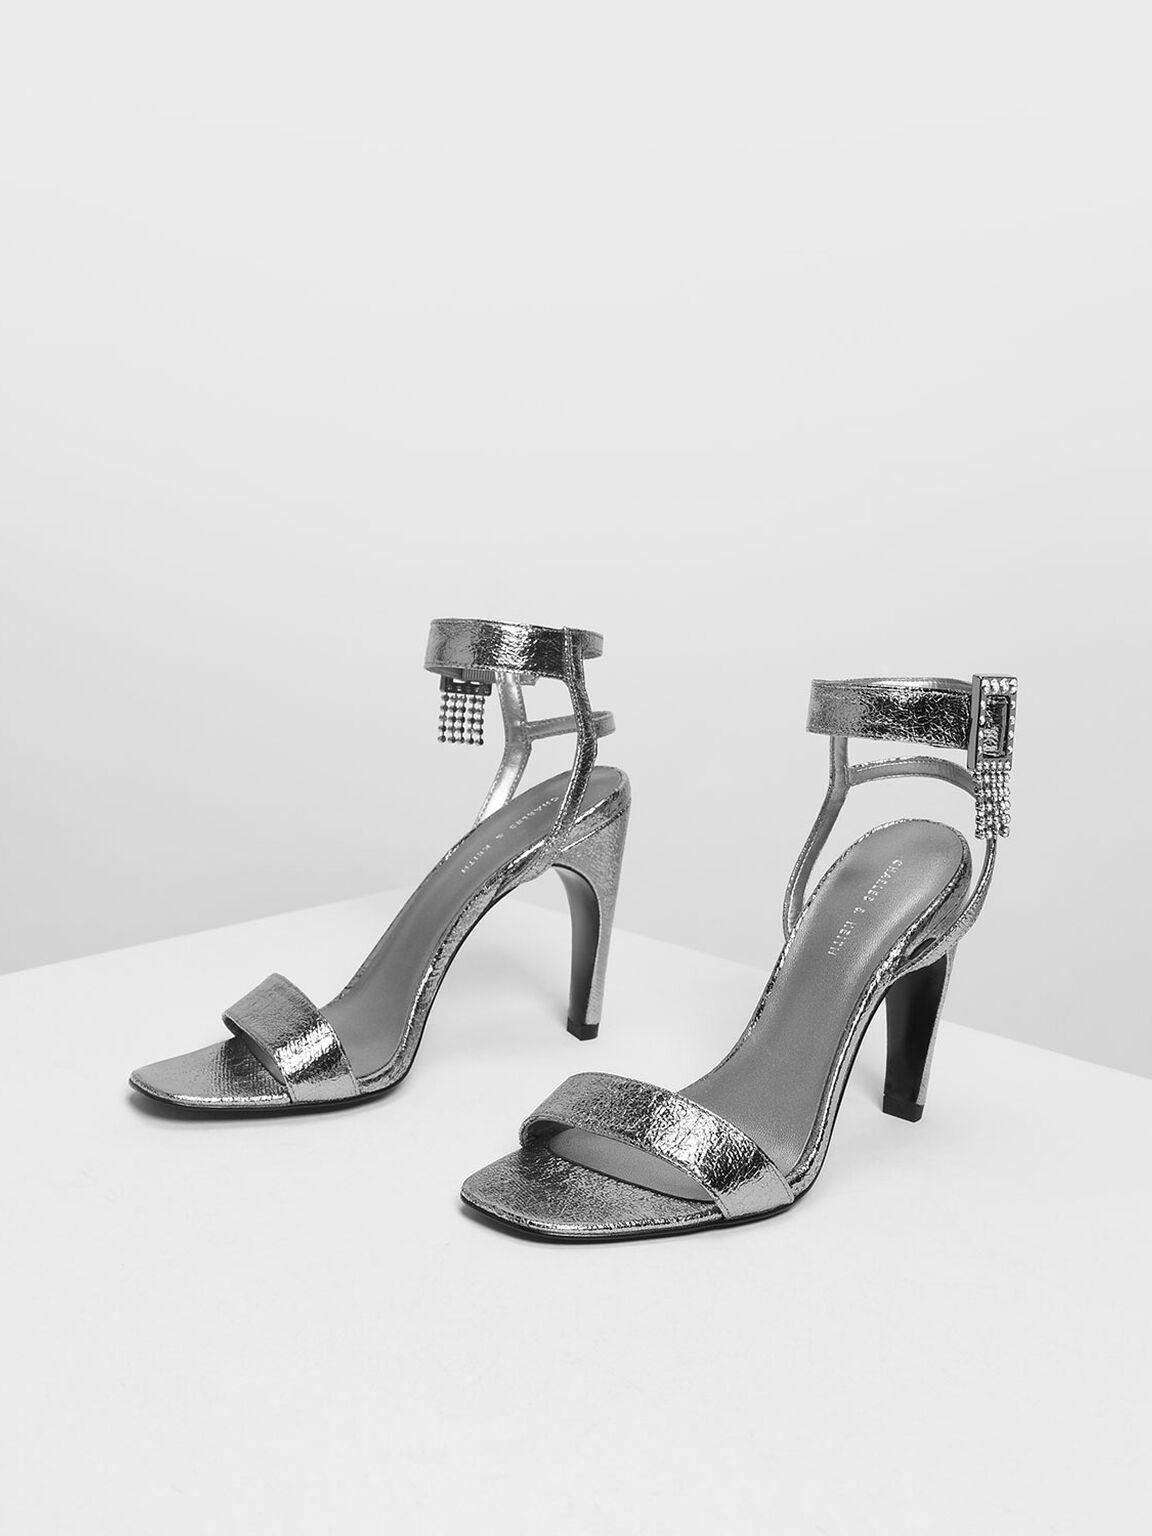 水晶流蘇高跟涼鞋, 金灰色, hi-res